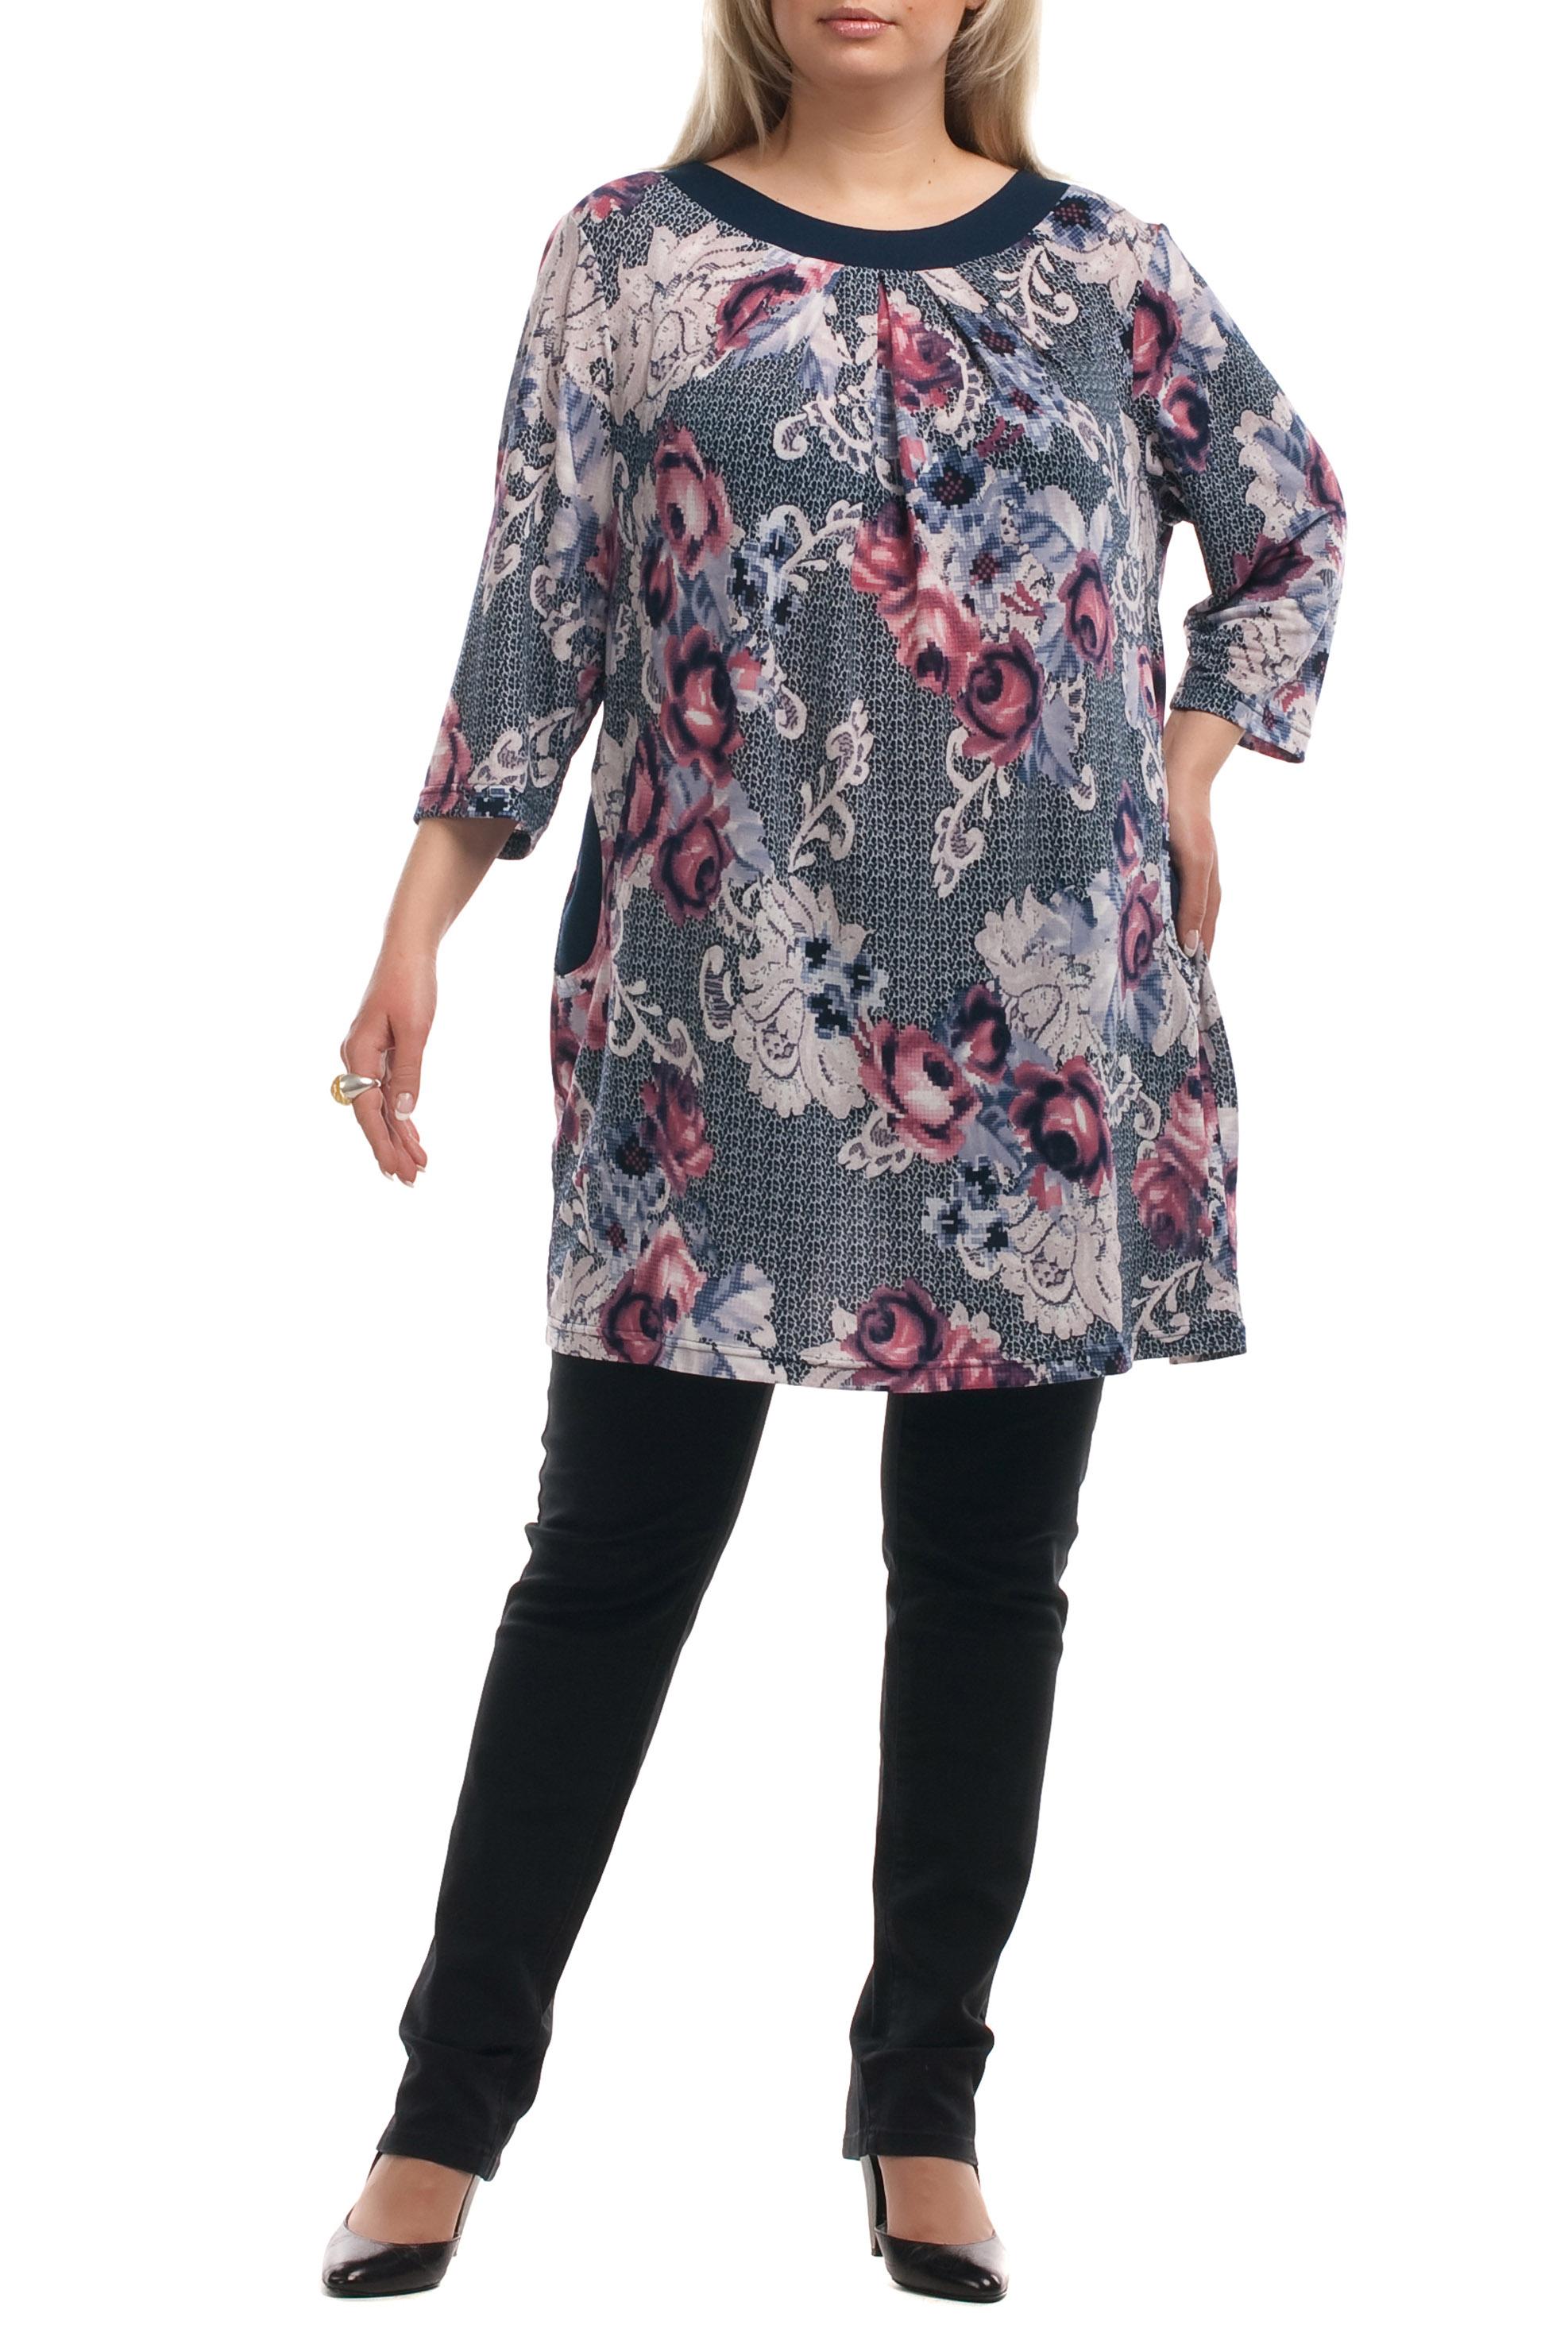 ТуникаТуники<br>Удлиненная женская туника с круглой горловиной и рукавами 3/4. Модель выполнена из приятного материала. Отличный выбор для повседневного гардероба.Цвет: серый, голубой, розовыйРост девушки-фотомодели 173 см.<br><br>Горловина: С- горловина<br>Рукав: Рукав три четверти<br>Материал: Вискоза,Трикотаж<br>Рисунок: Растительные мотивы,Цветные,Цветочные<br>Сезон: Весна,Осень<br>Силуэт: Прямые<br>Стиль: Повседневный стиль<br>Элементы: С декором,С карманами<br>Размер : 62,66<br>Материал: Вискоза<br>Количество в наличии: 3